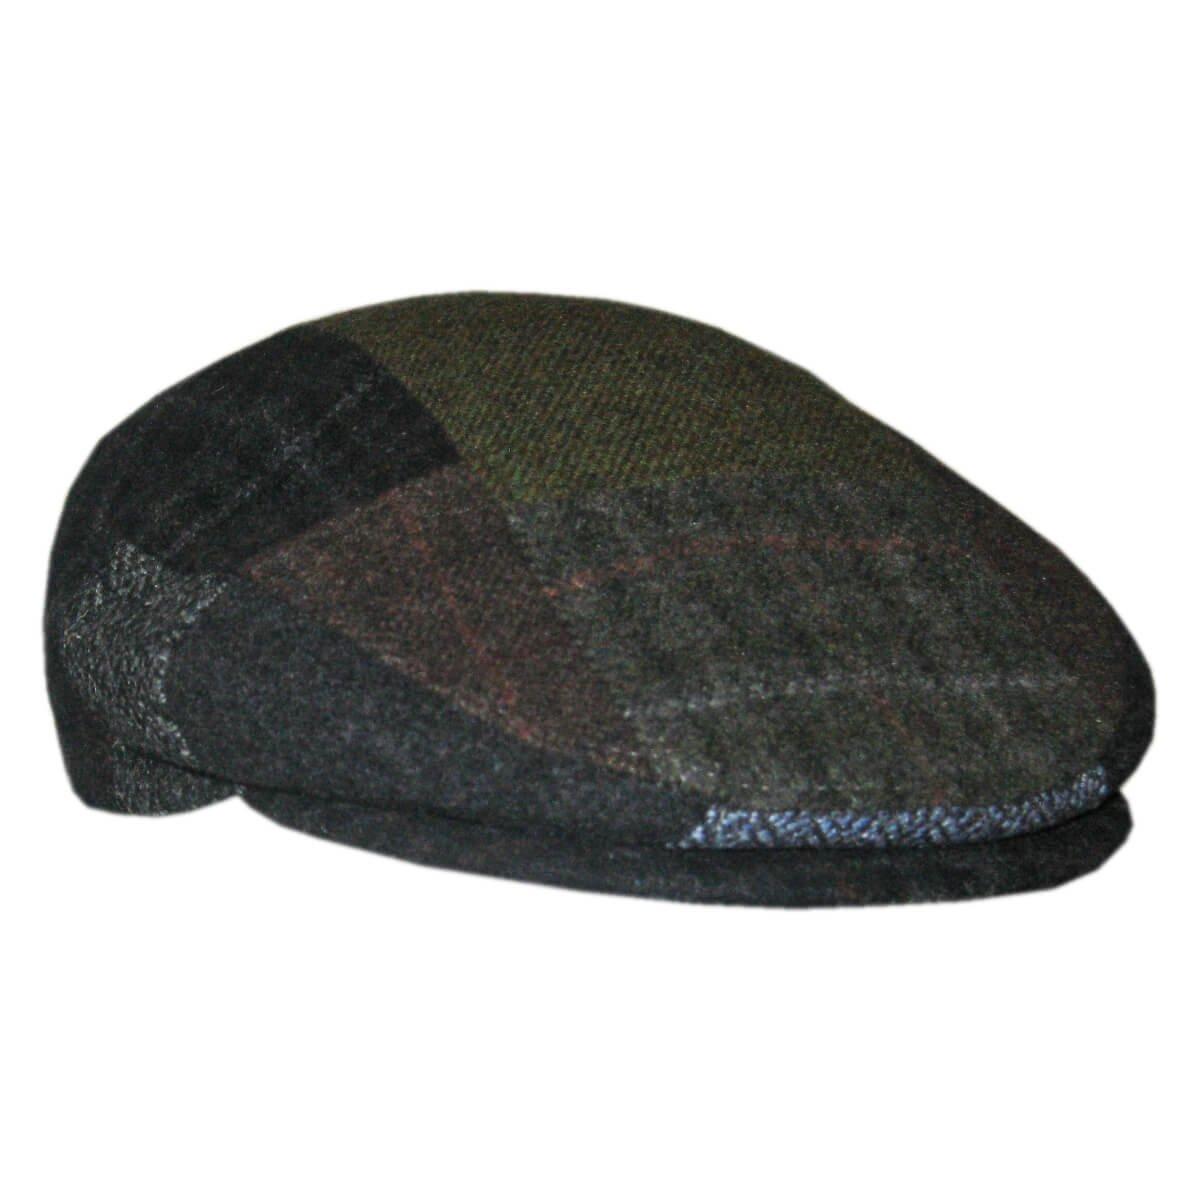 Men's Patchwork Irish Cap - Multicolored